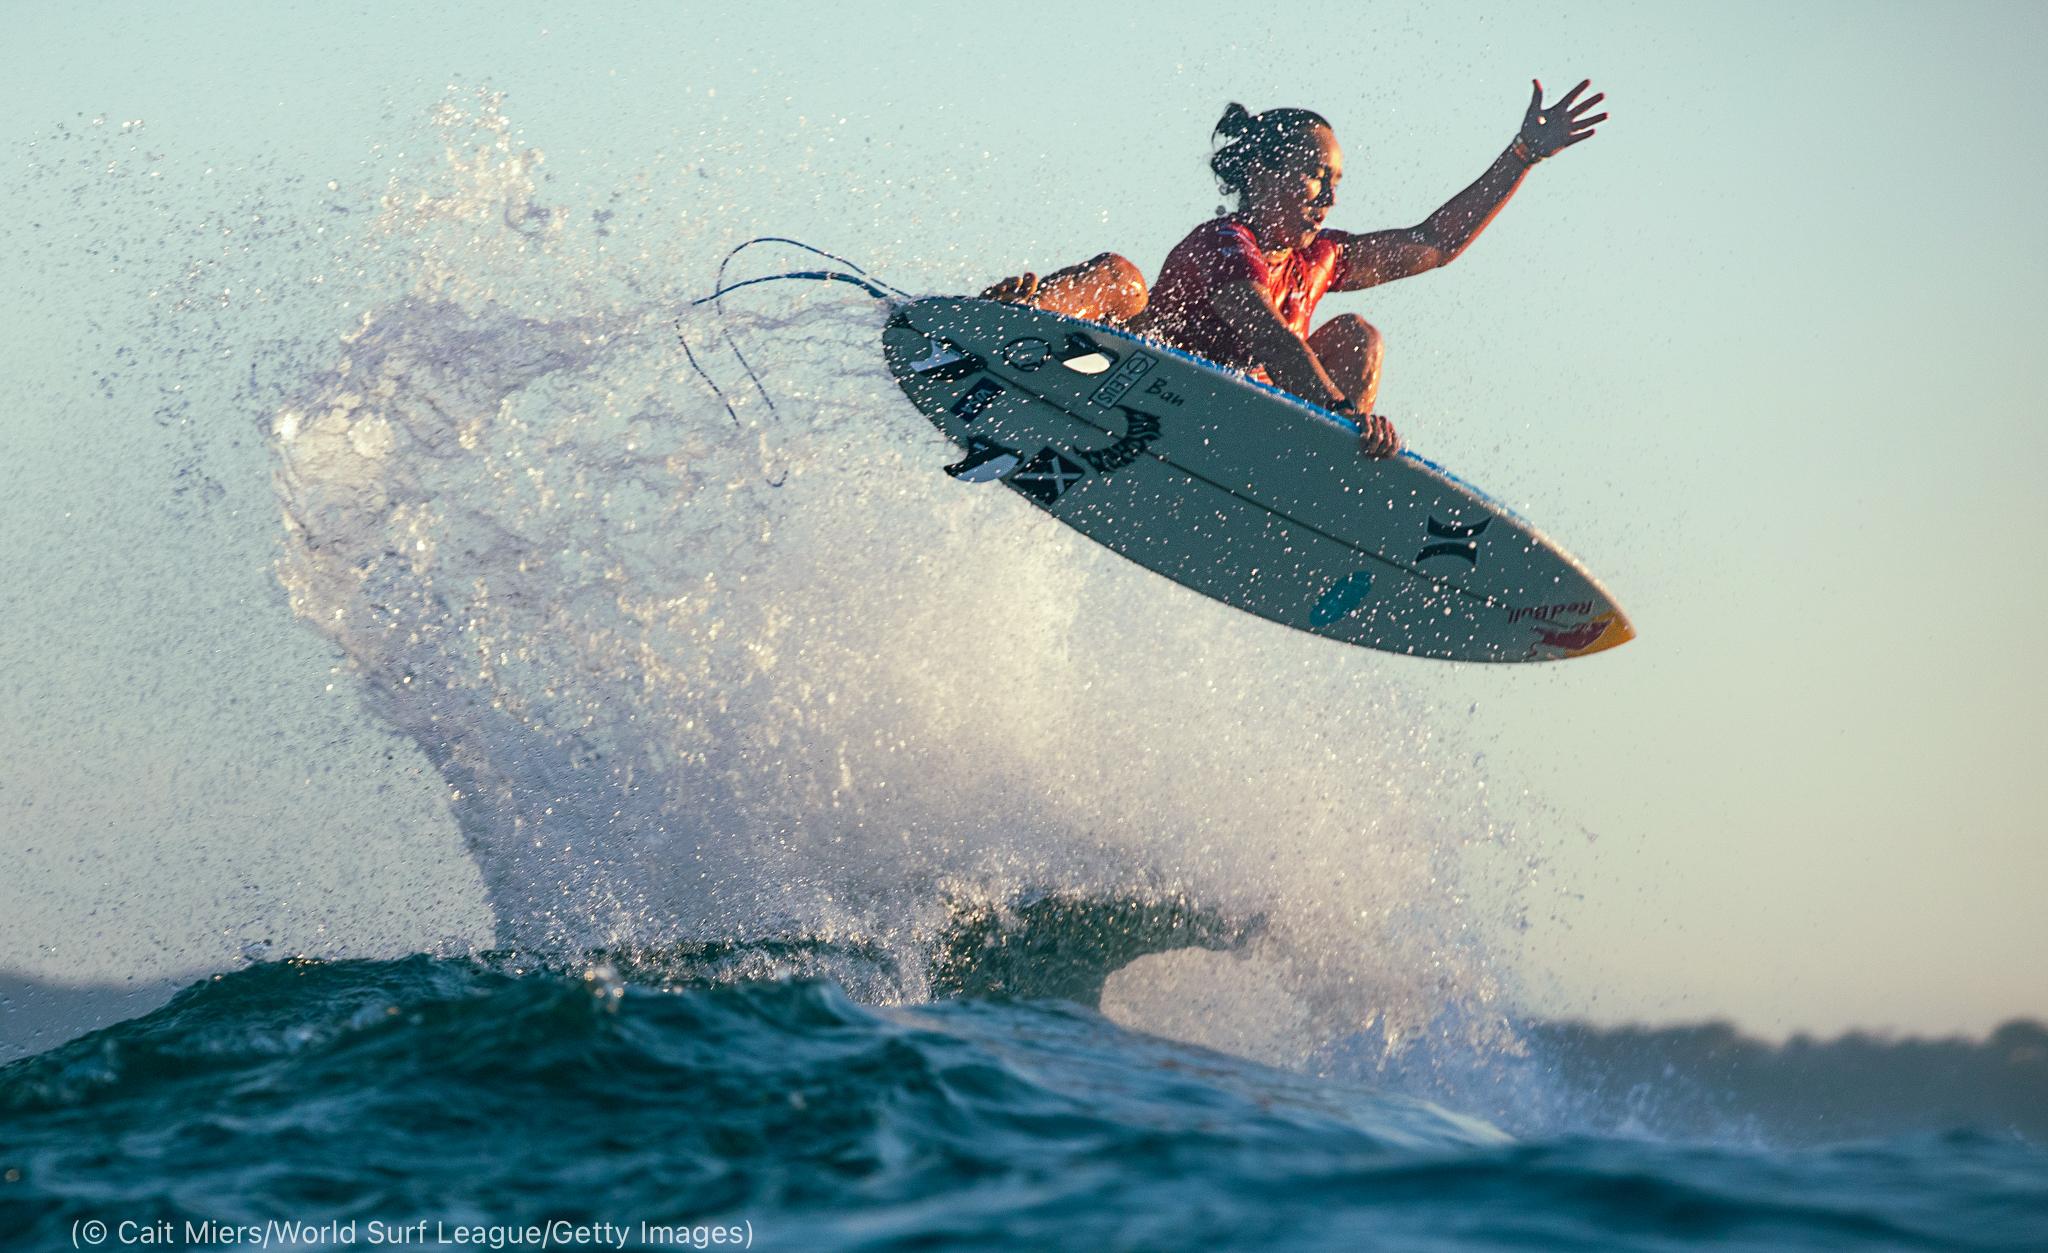 Mujer suspendida en el aire sobre una ola en una tabla de surf (© Cait Miers/World Surf League/Getty Images)